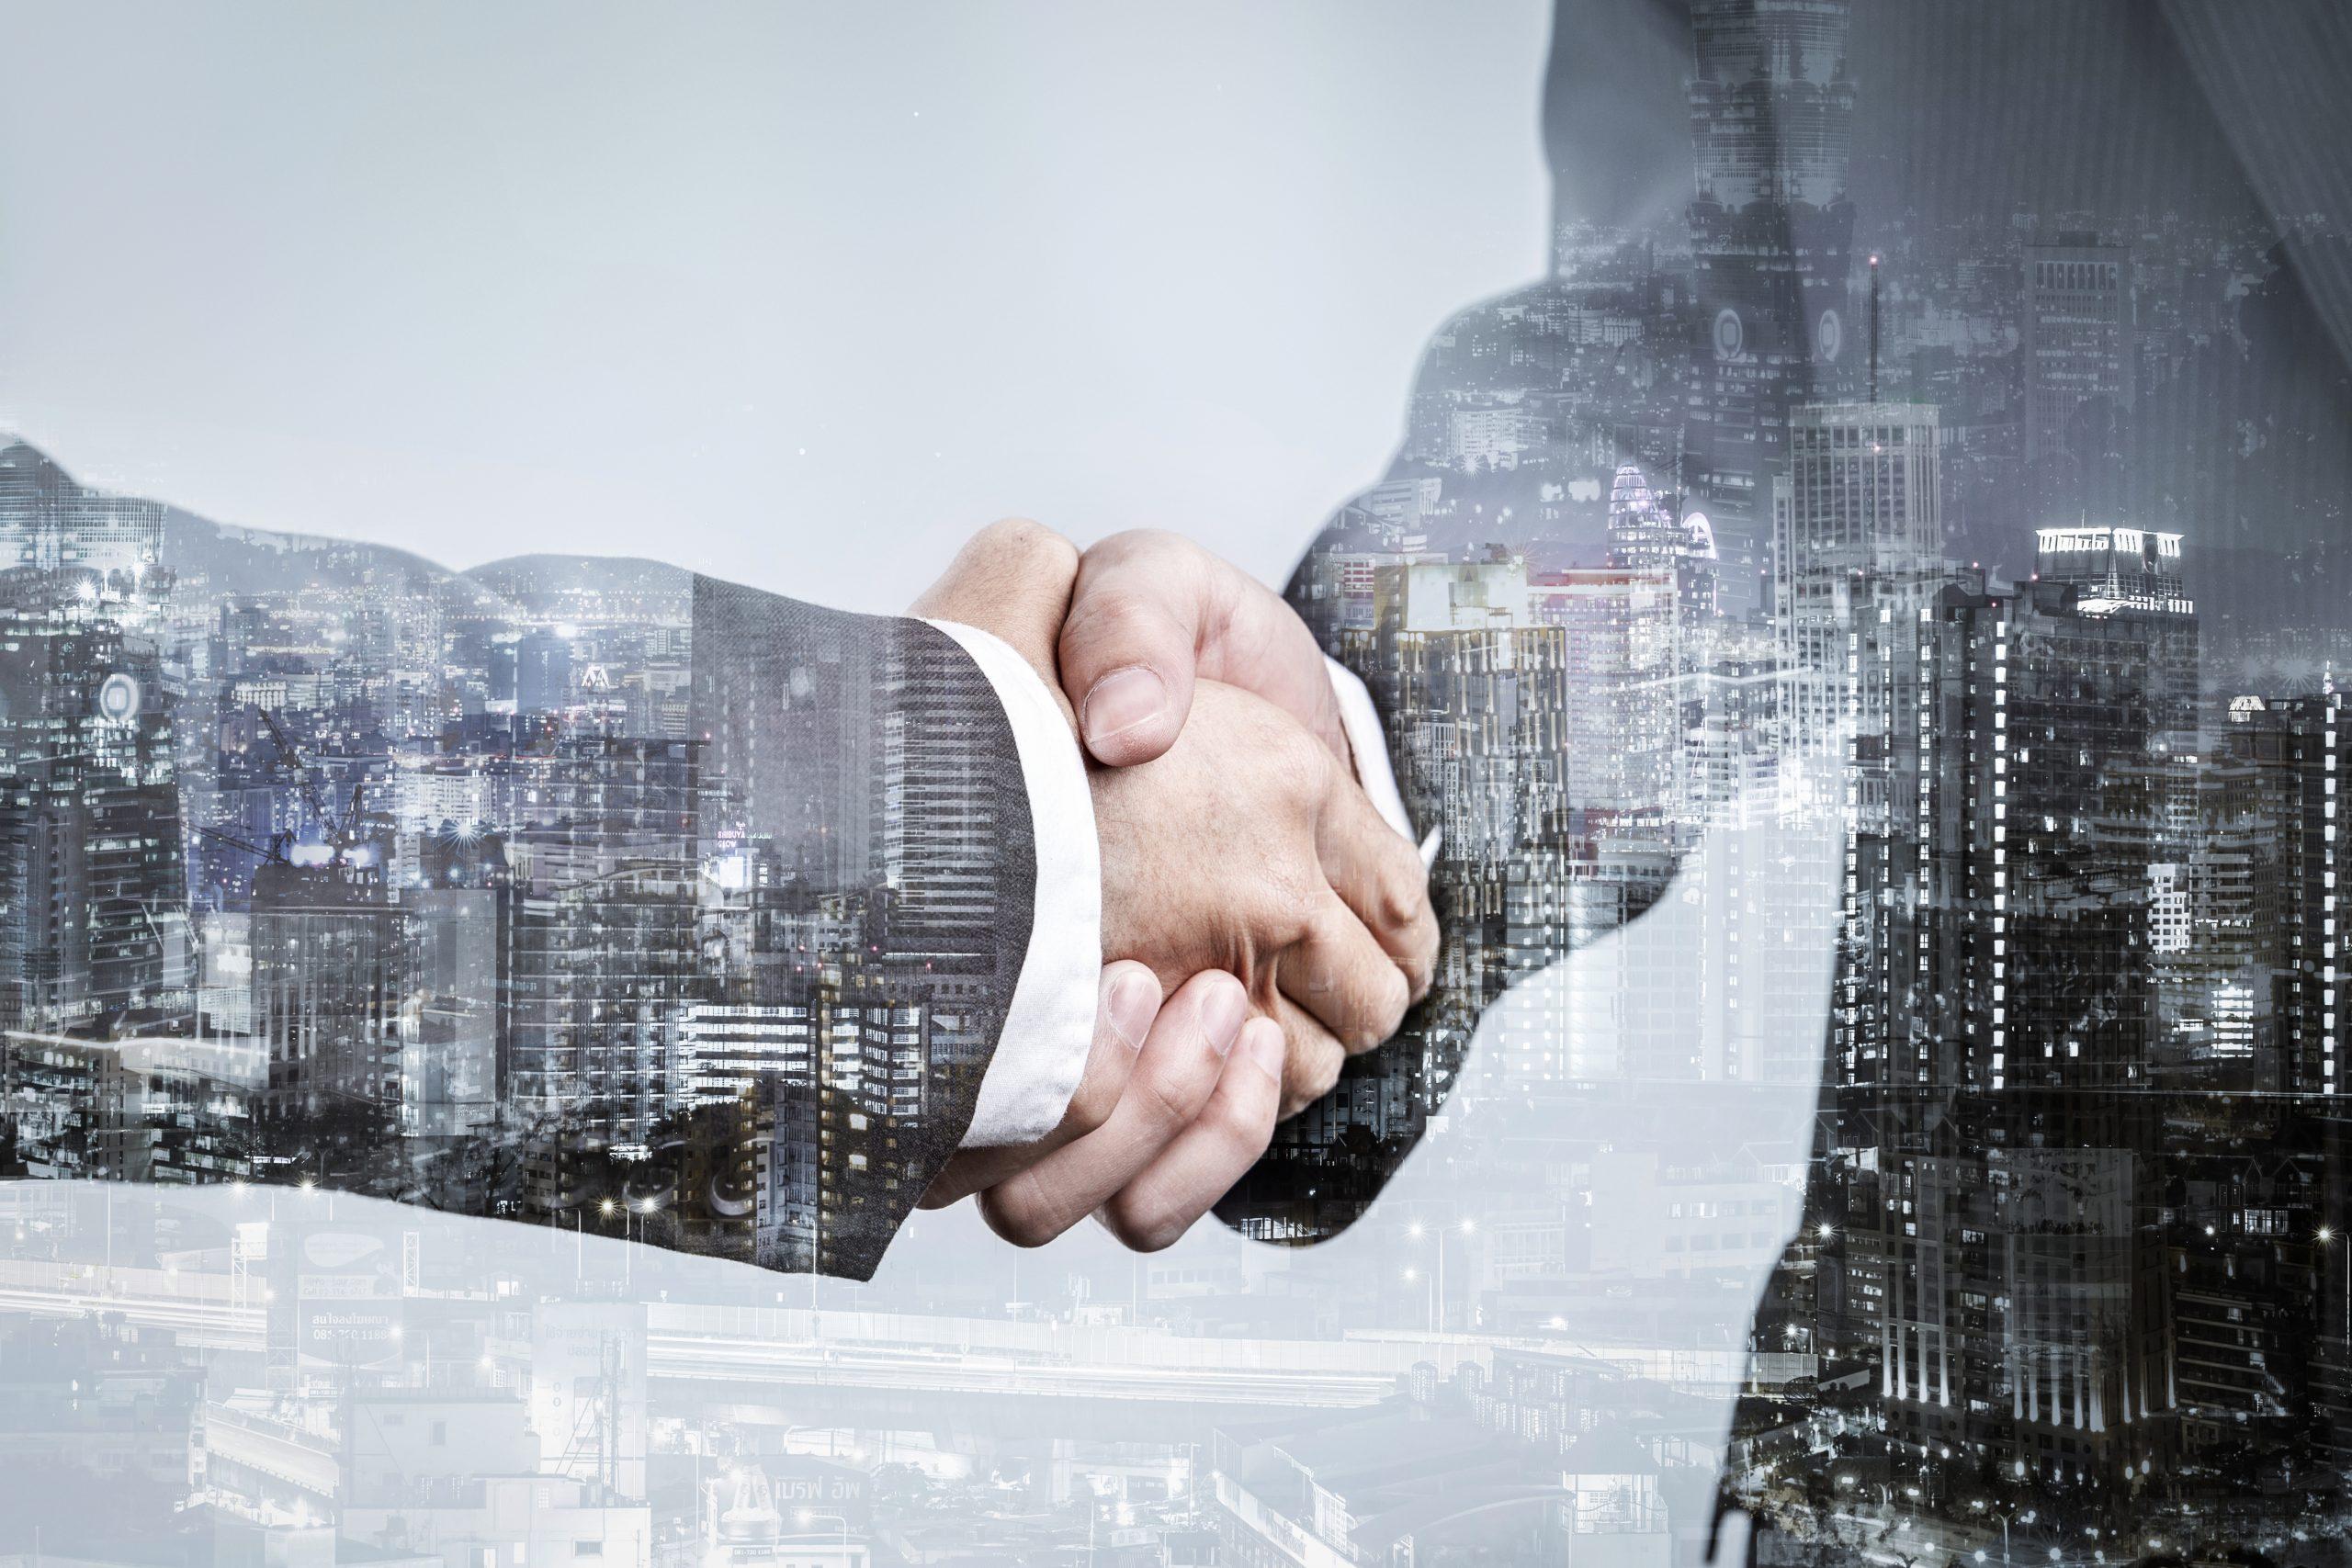 Devenez partenaire métier et sociétaire de notre coopérative d'utilité sociale